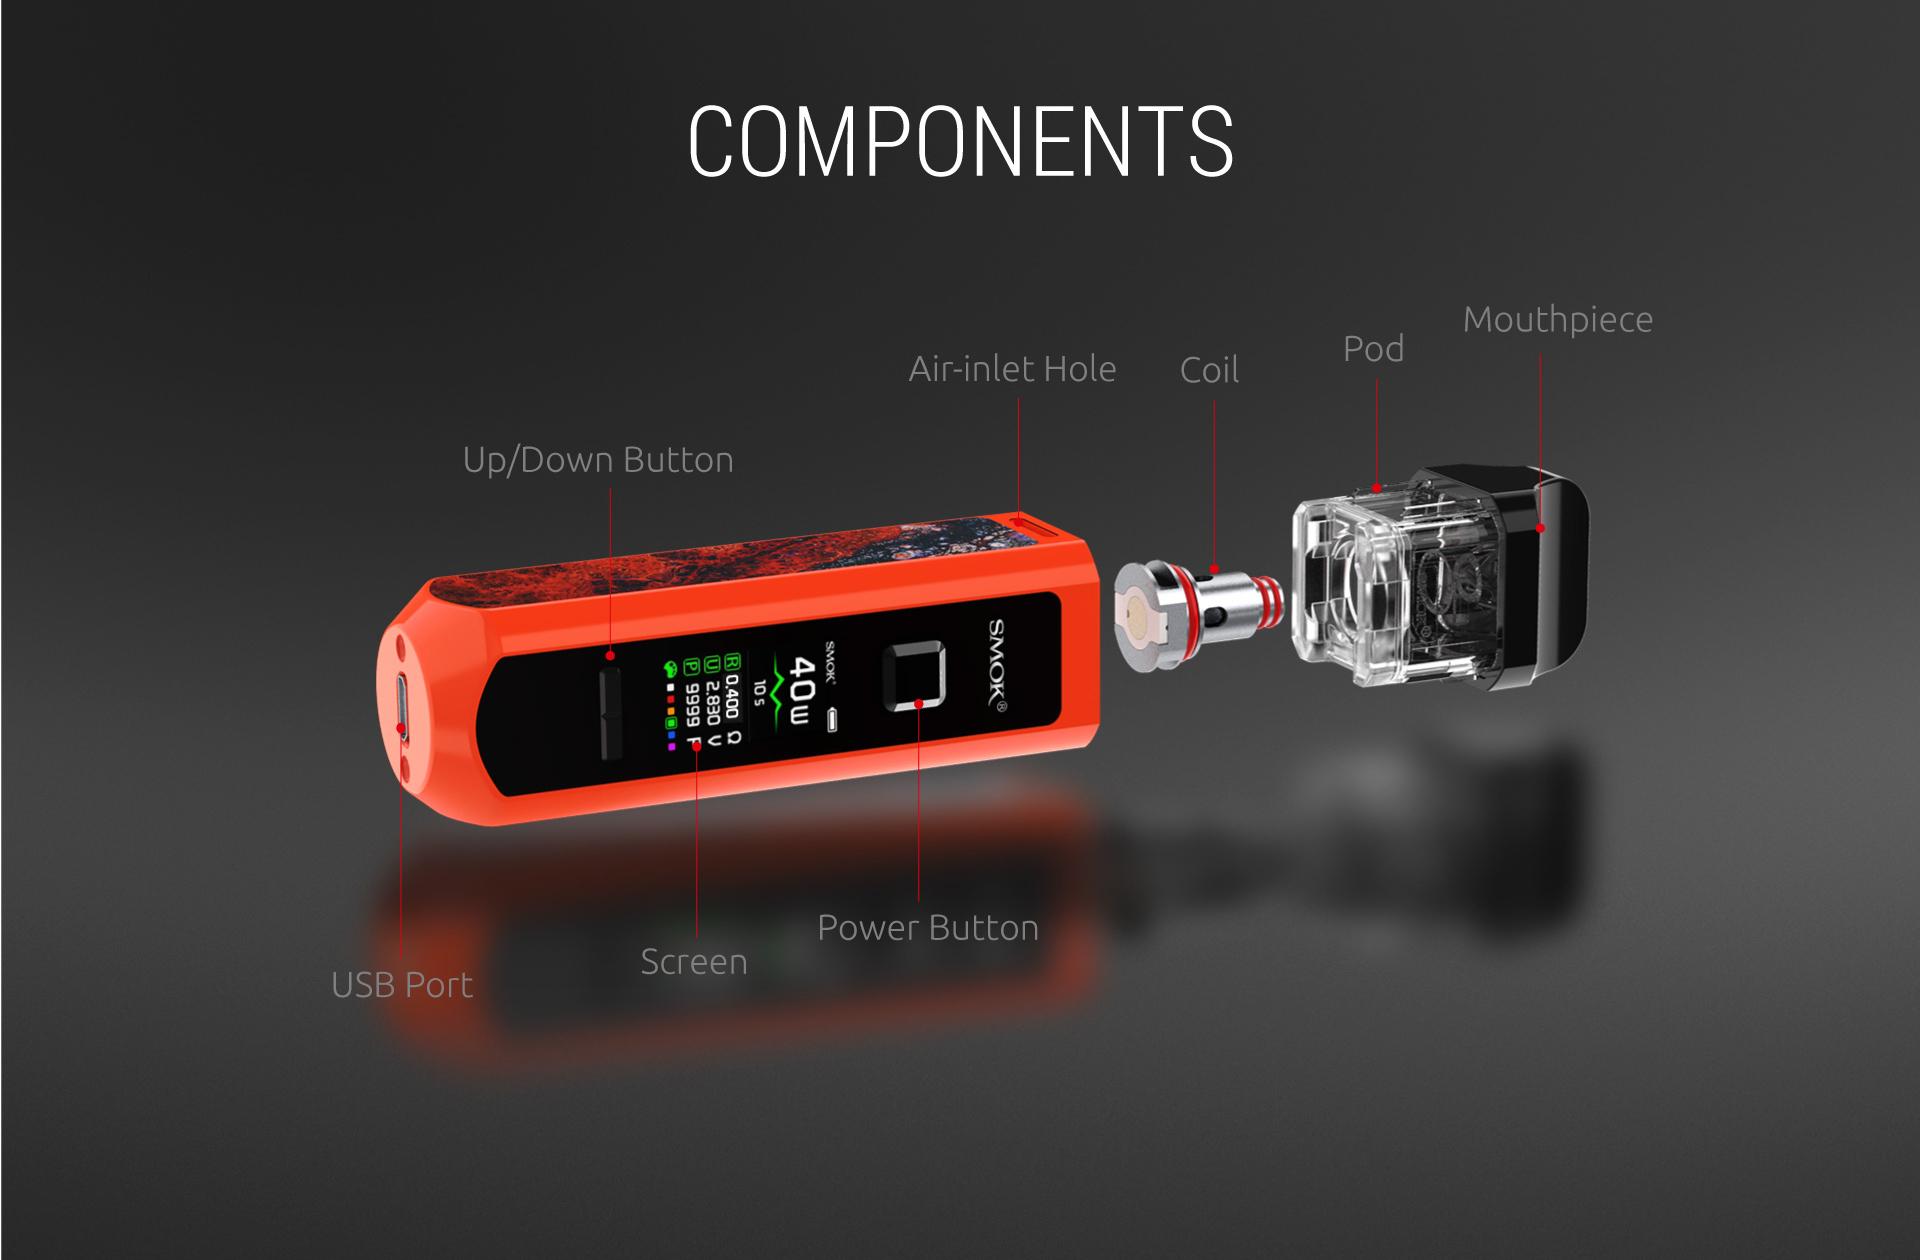 вейп комплект SMOK RPM 40 Pod Kit